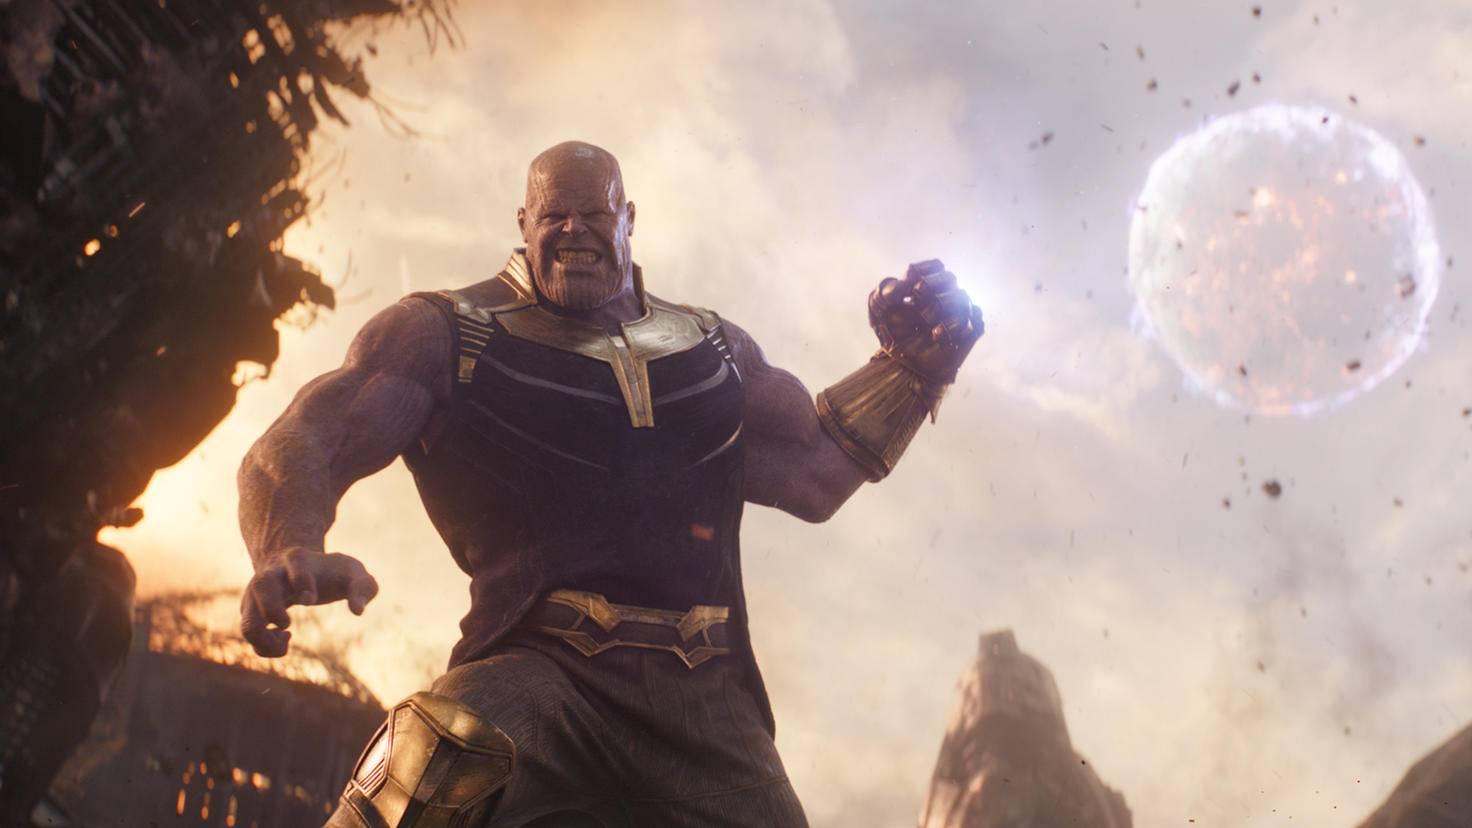 Um mit Monden um sich zu werfen, braucht man gleich zwei Infinity Steine ...